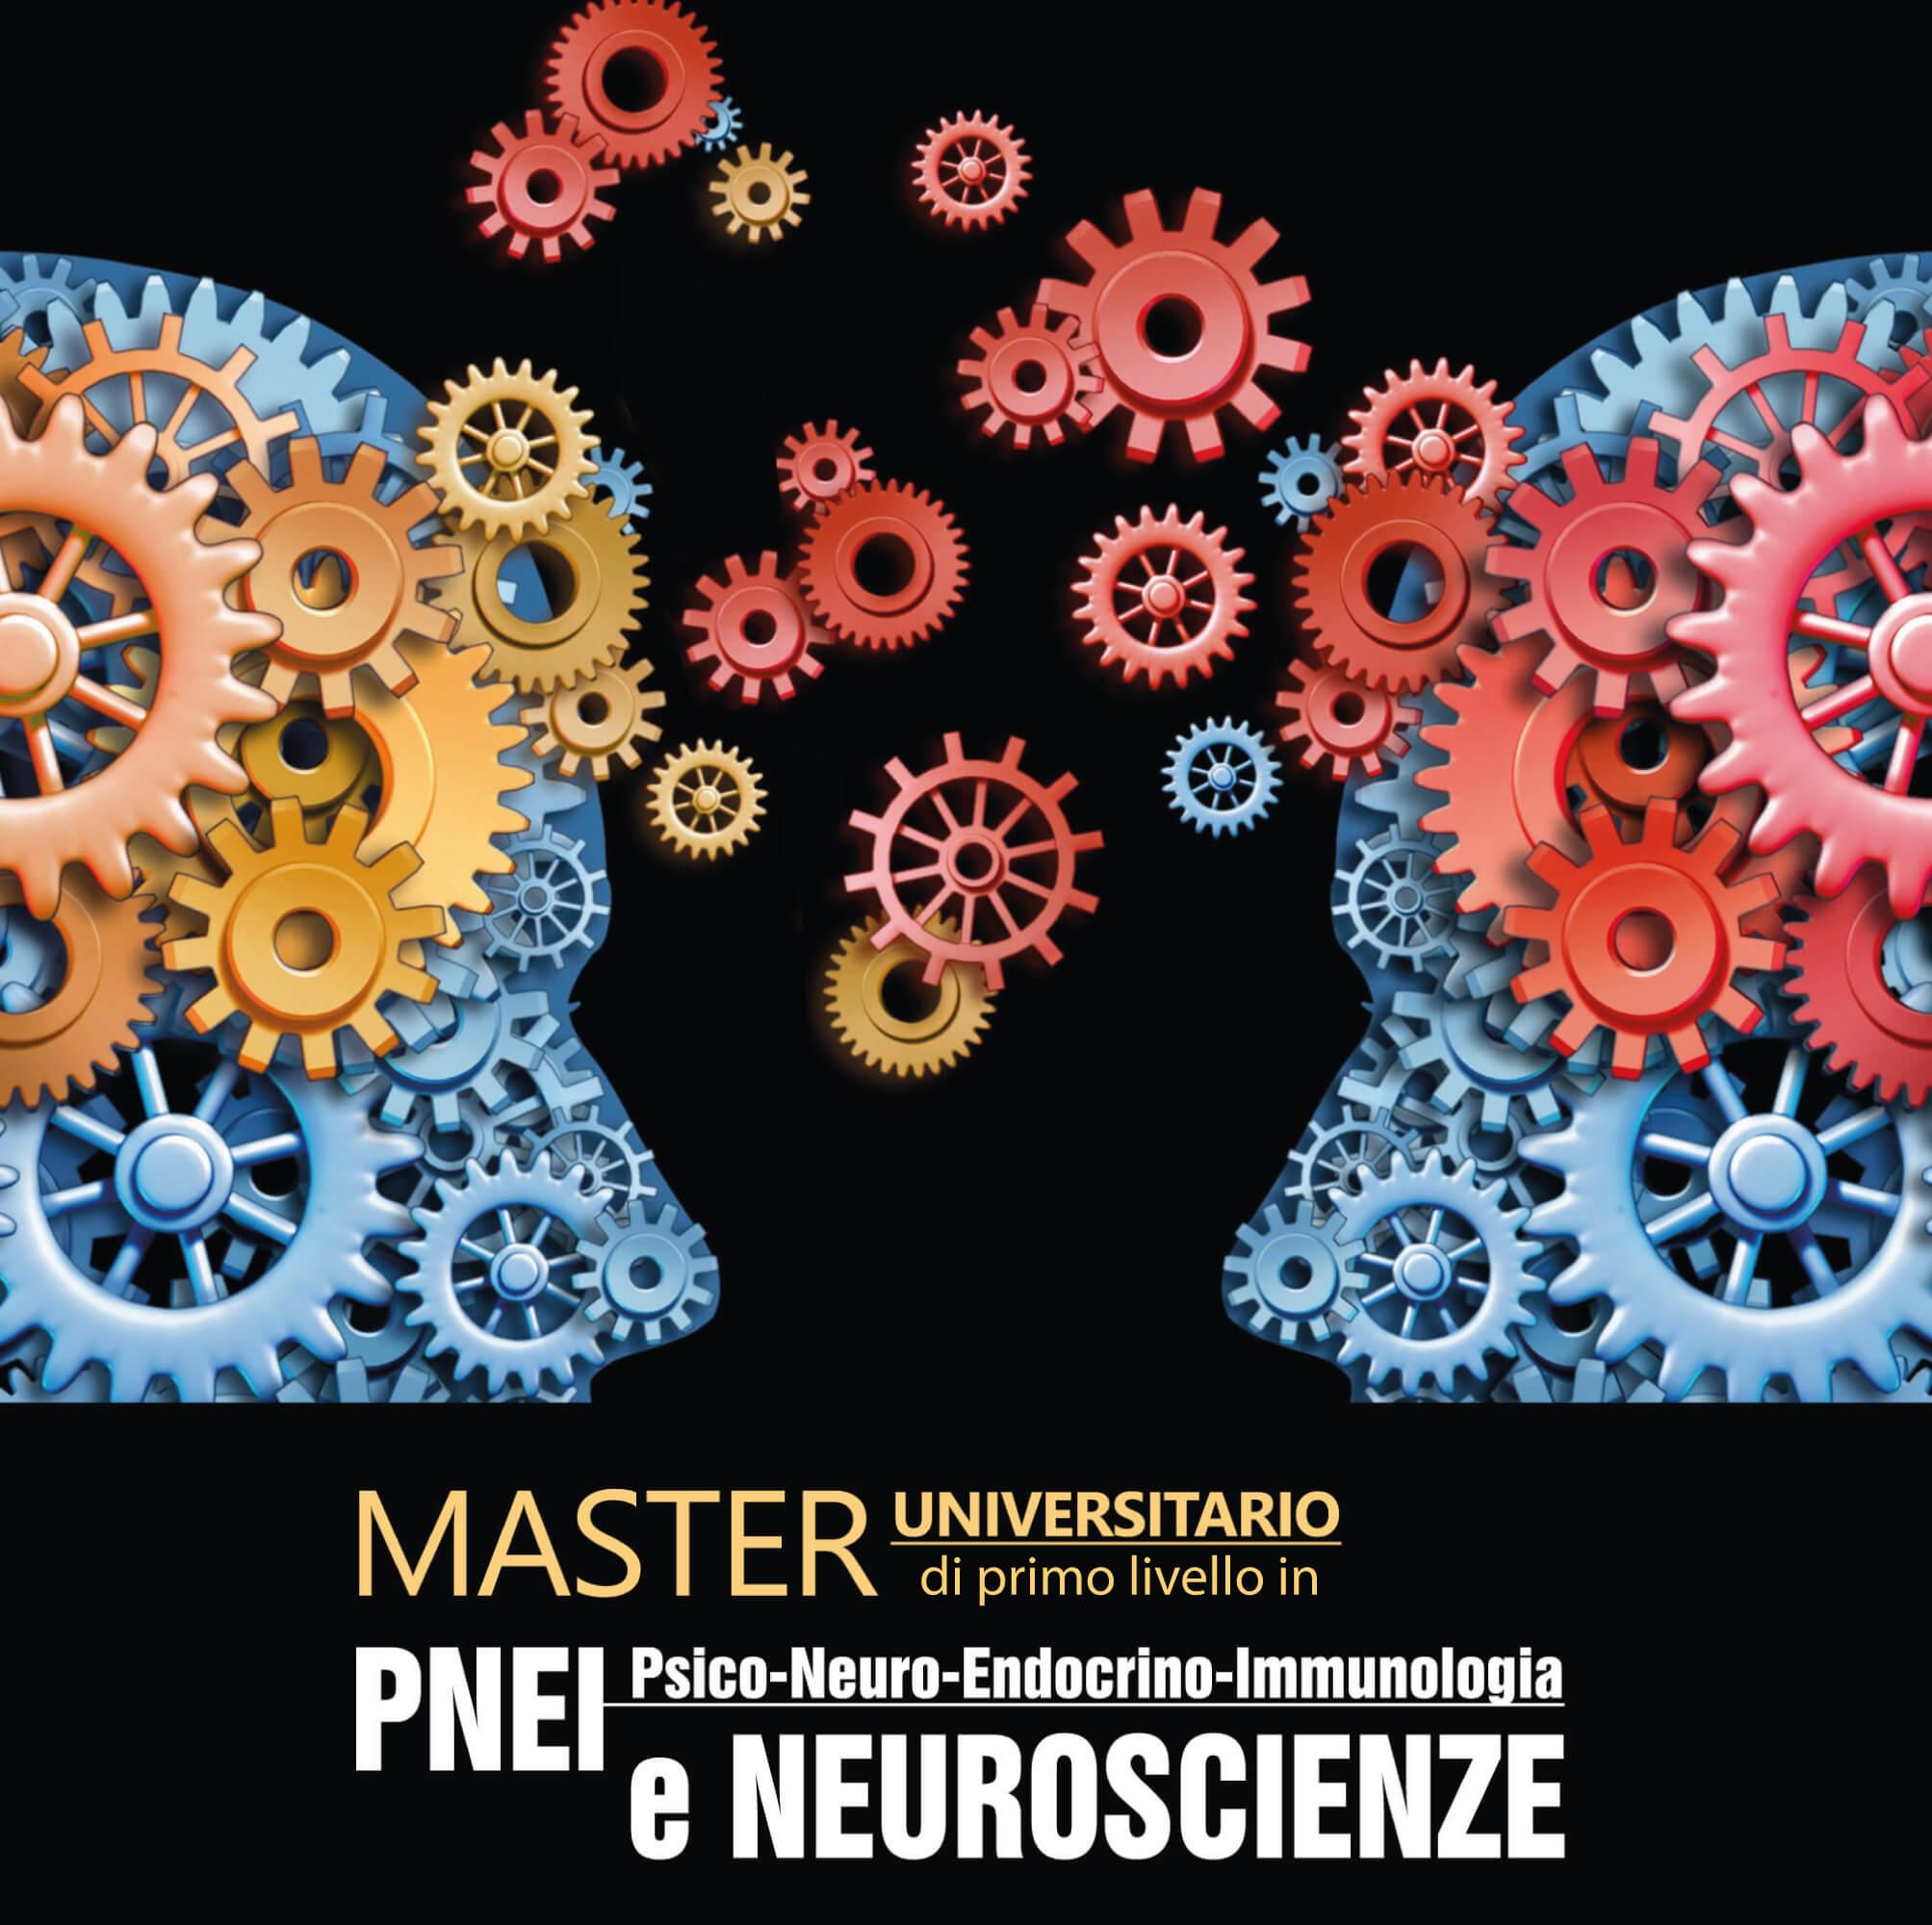 Psico-Neuro-Endocrino-Immunologia (PNEI) e Neuroscienze – Master universitario di primo livello